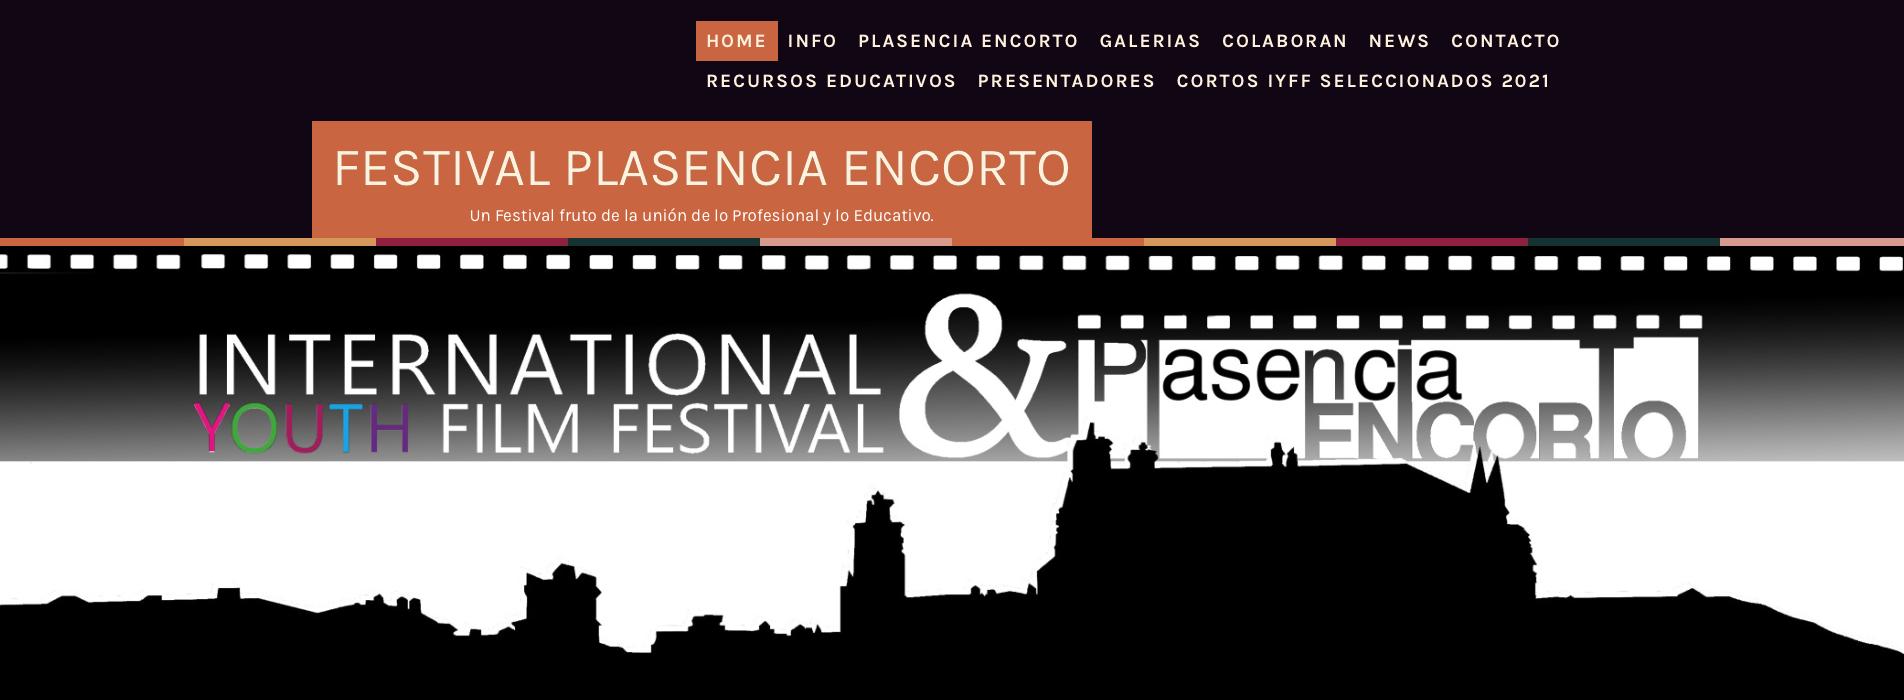 Ya está aquí el Festival Plasencia Encorto y está es su programación, del 21 al 26 de junio